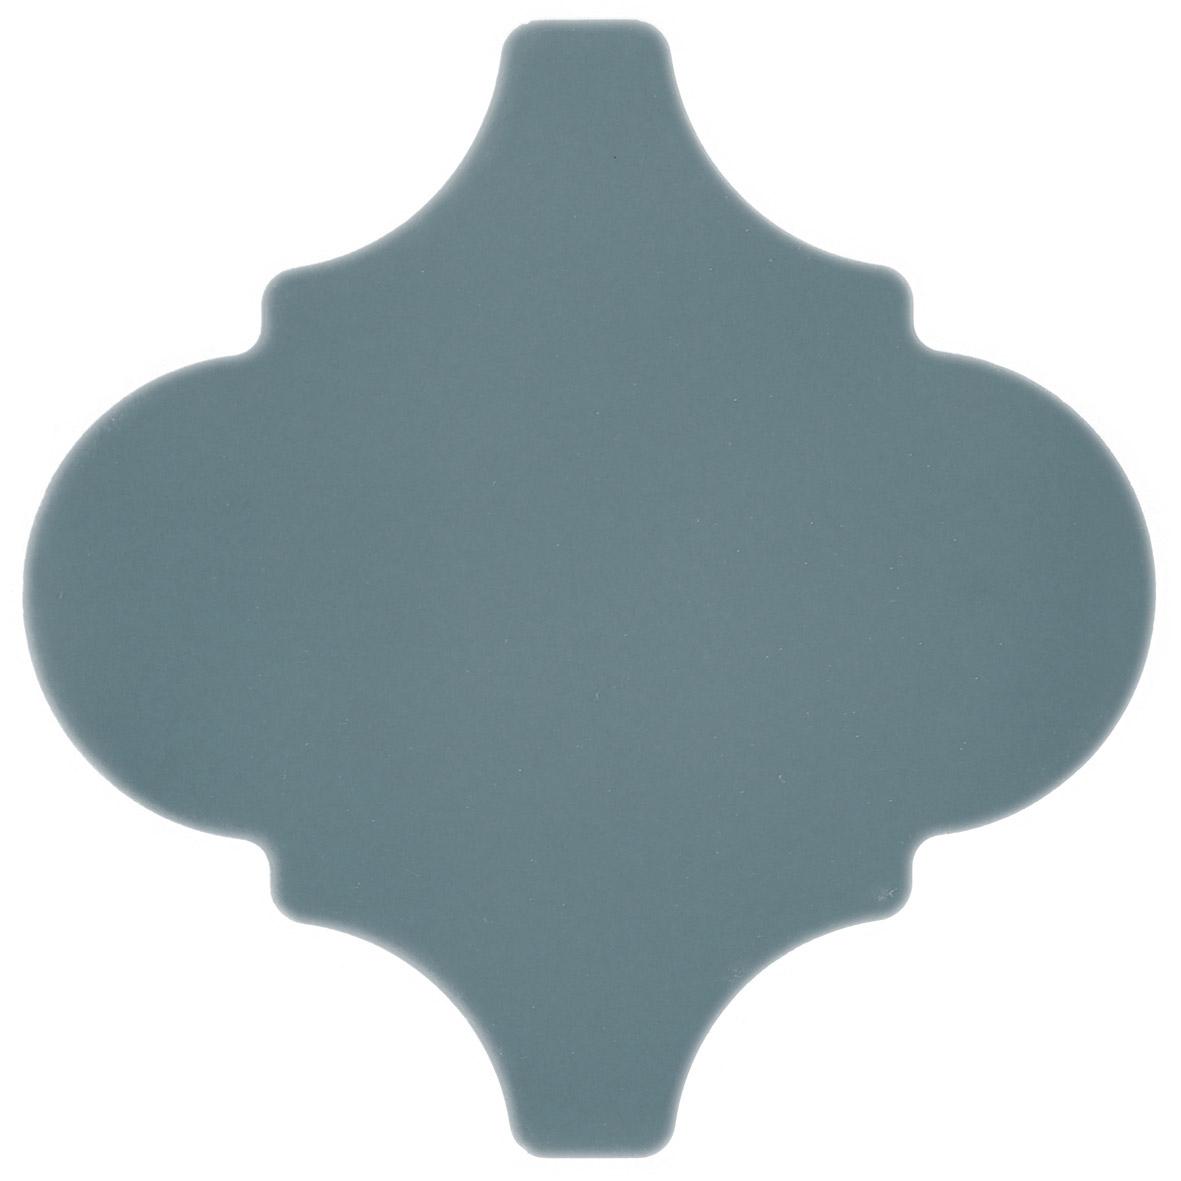 ARB5620, Arabesque, Sininen, seina